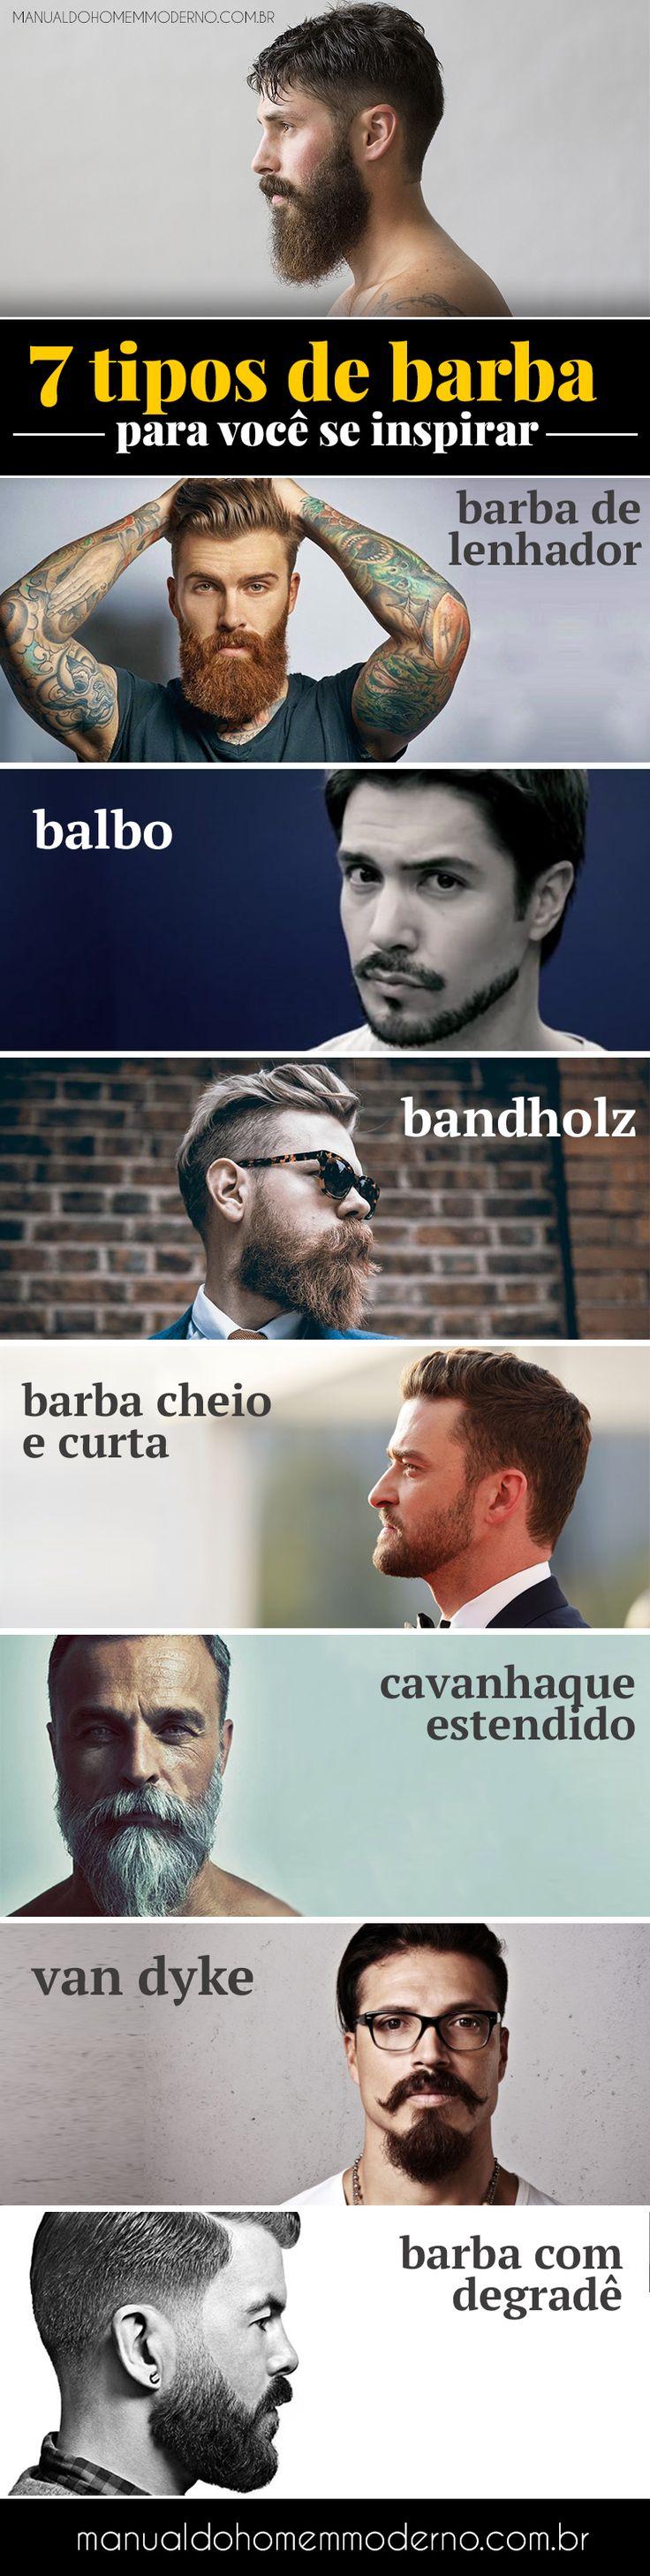 7 tipos de barba estilosas para você se inspirar e usar.